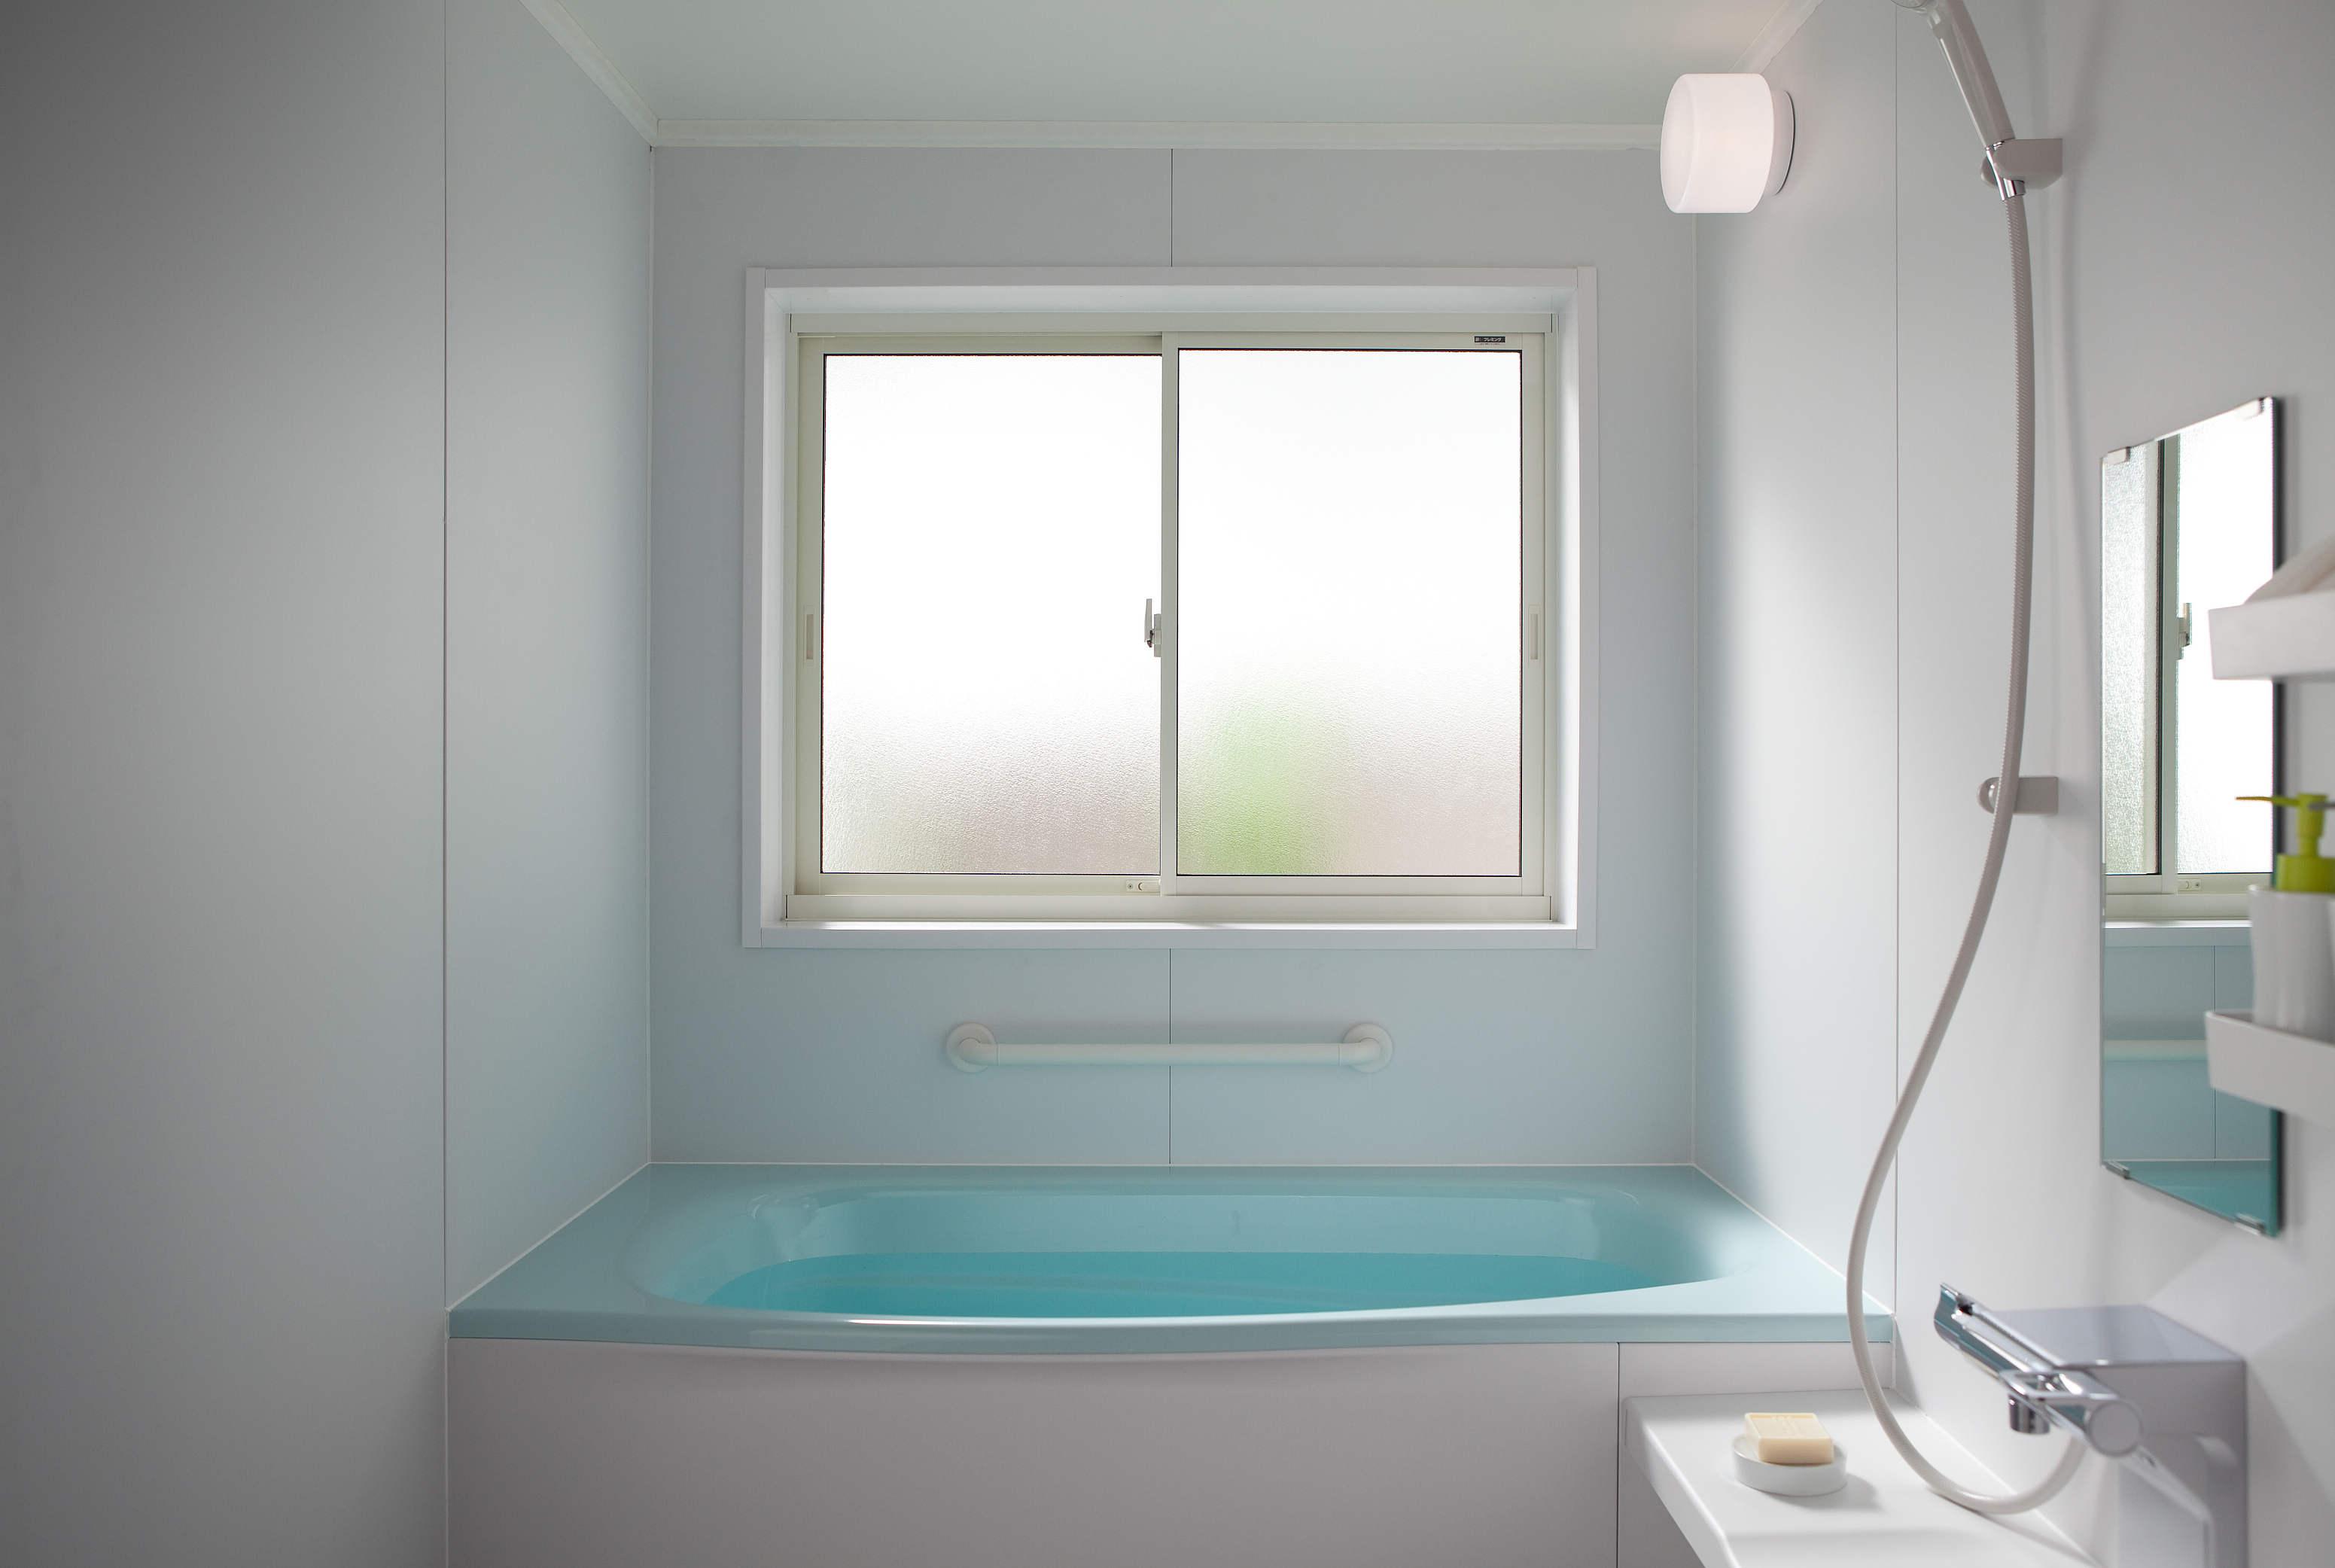 は同じ! : 【1日1分】お風呂 ...